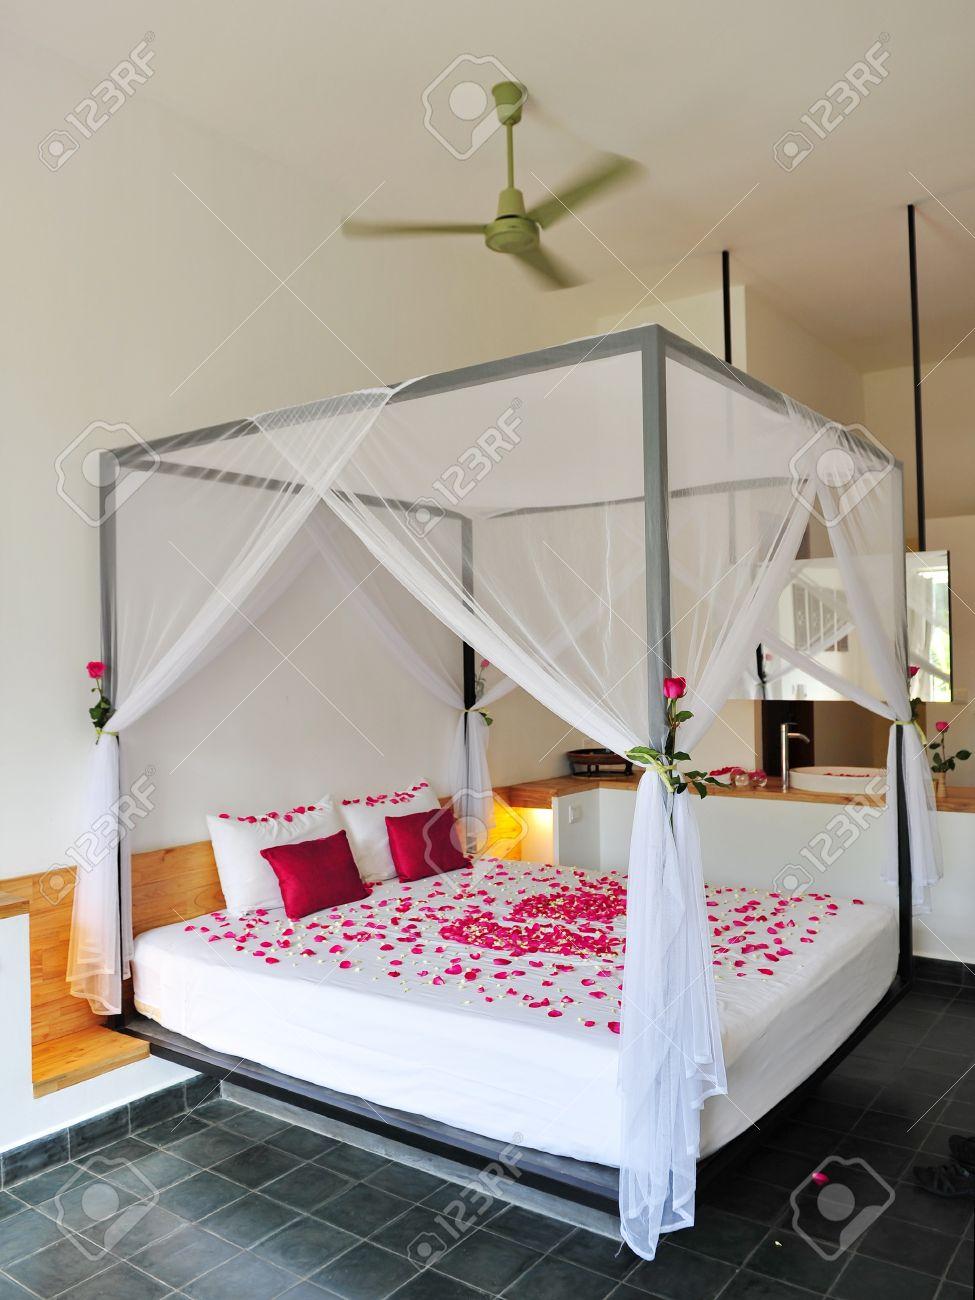 - Queen-Size-Bett Mit Romantischen Rosenblüten Dekor In Einem Luxus